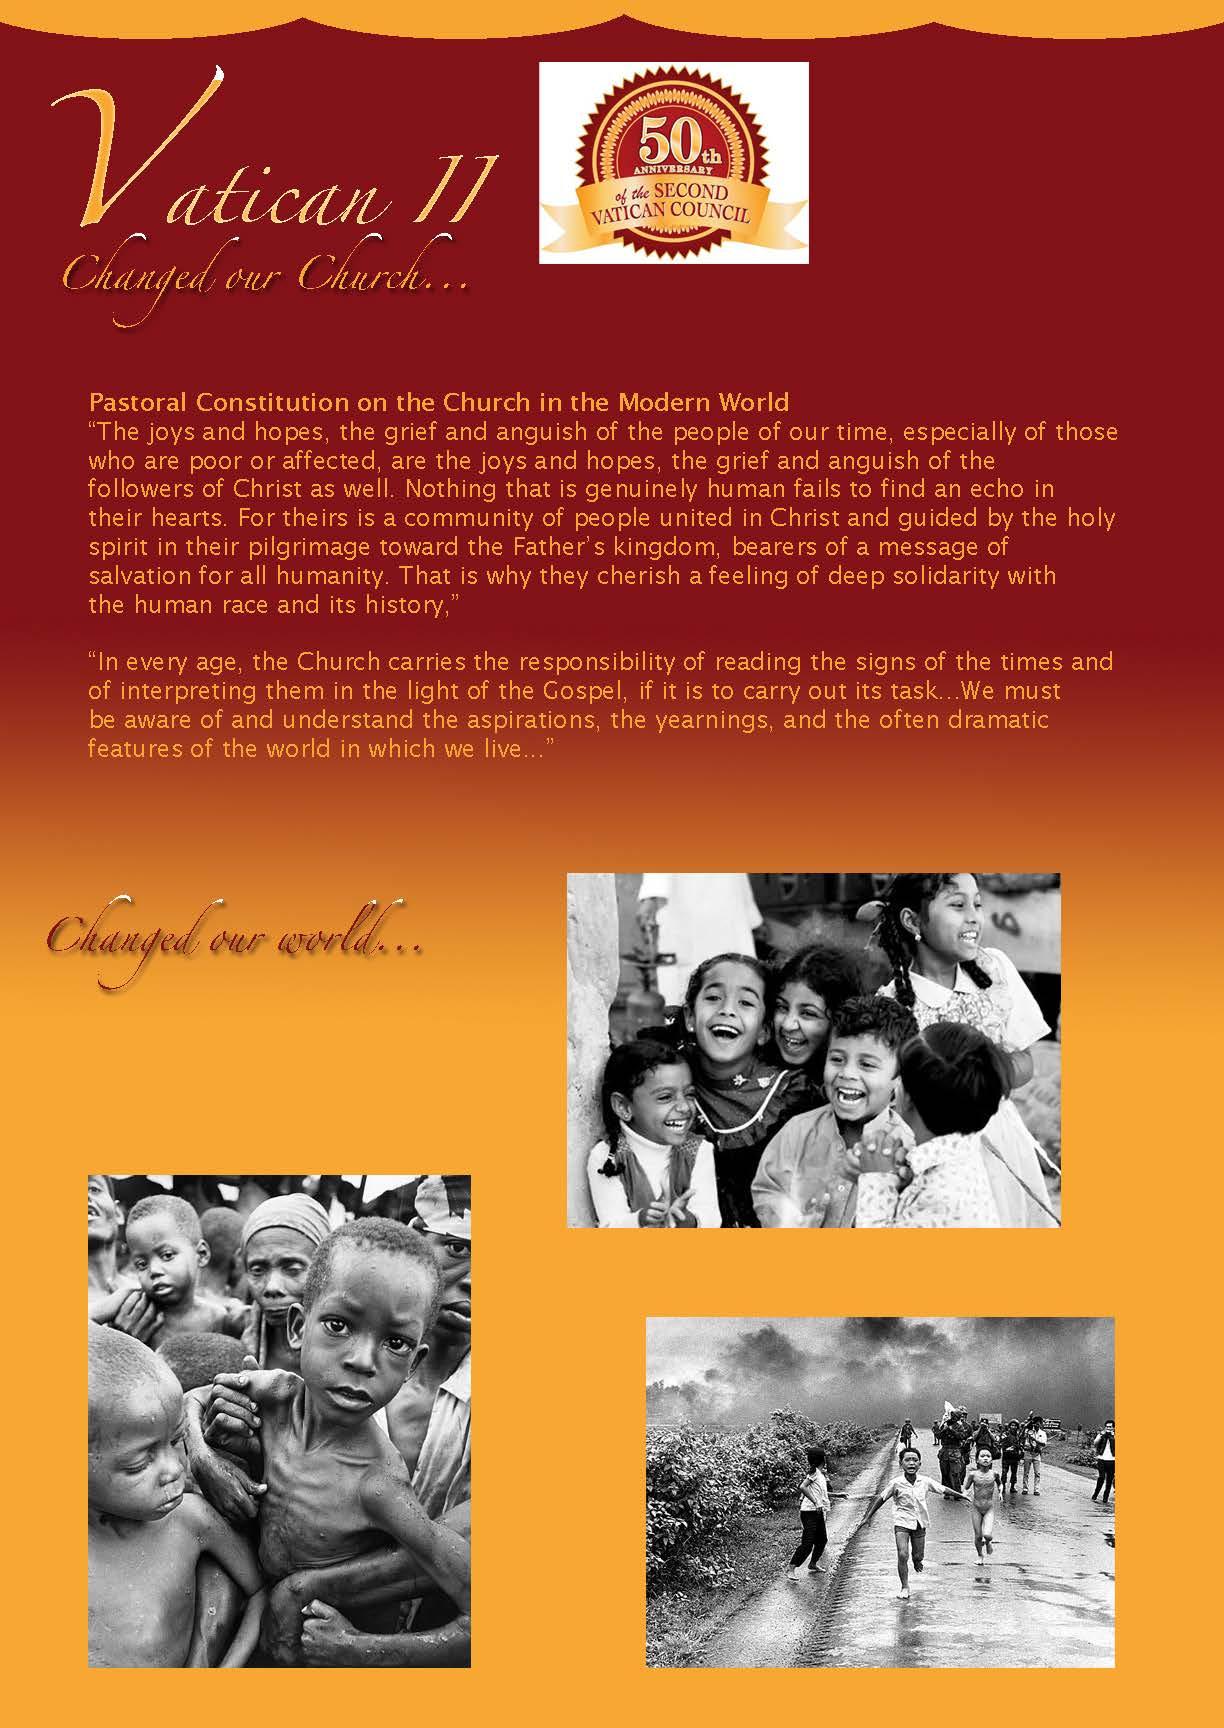 Vatican II poster